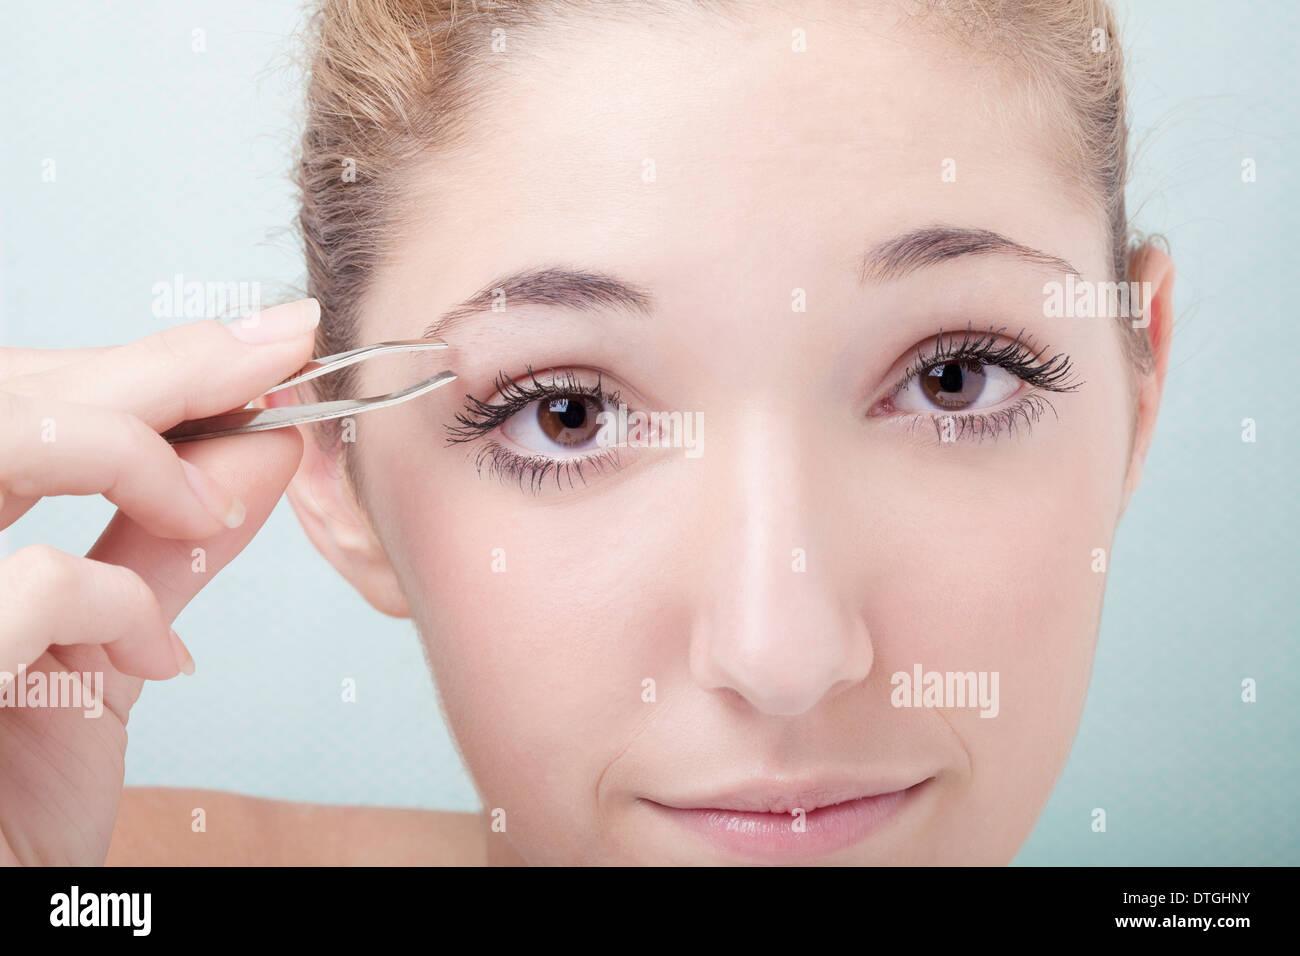 teenage girl shaving eyebrows - Stock Image